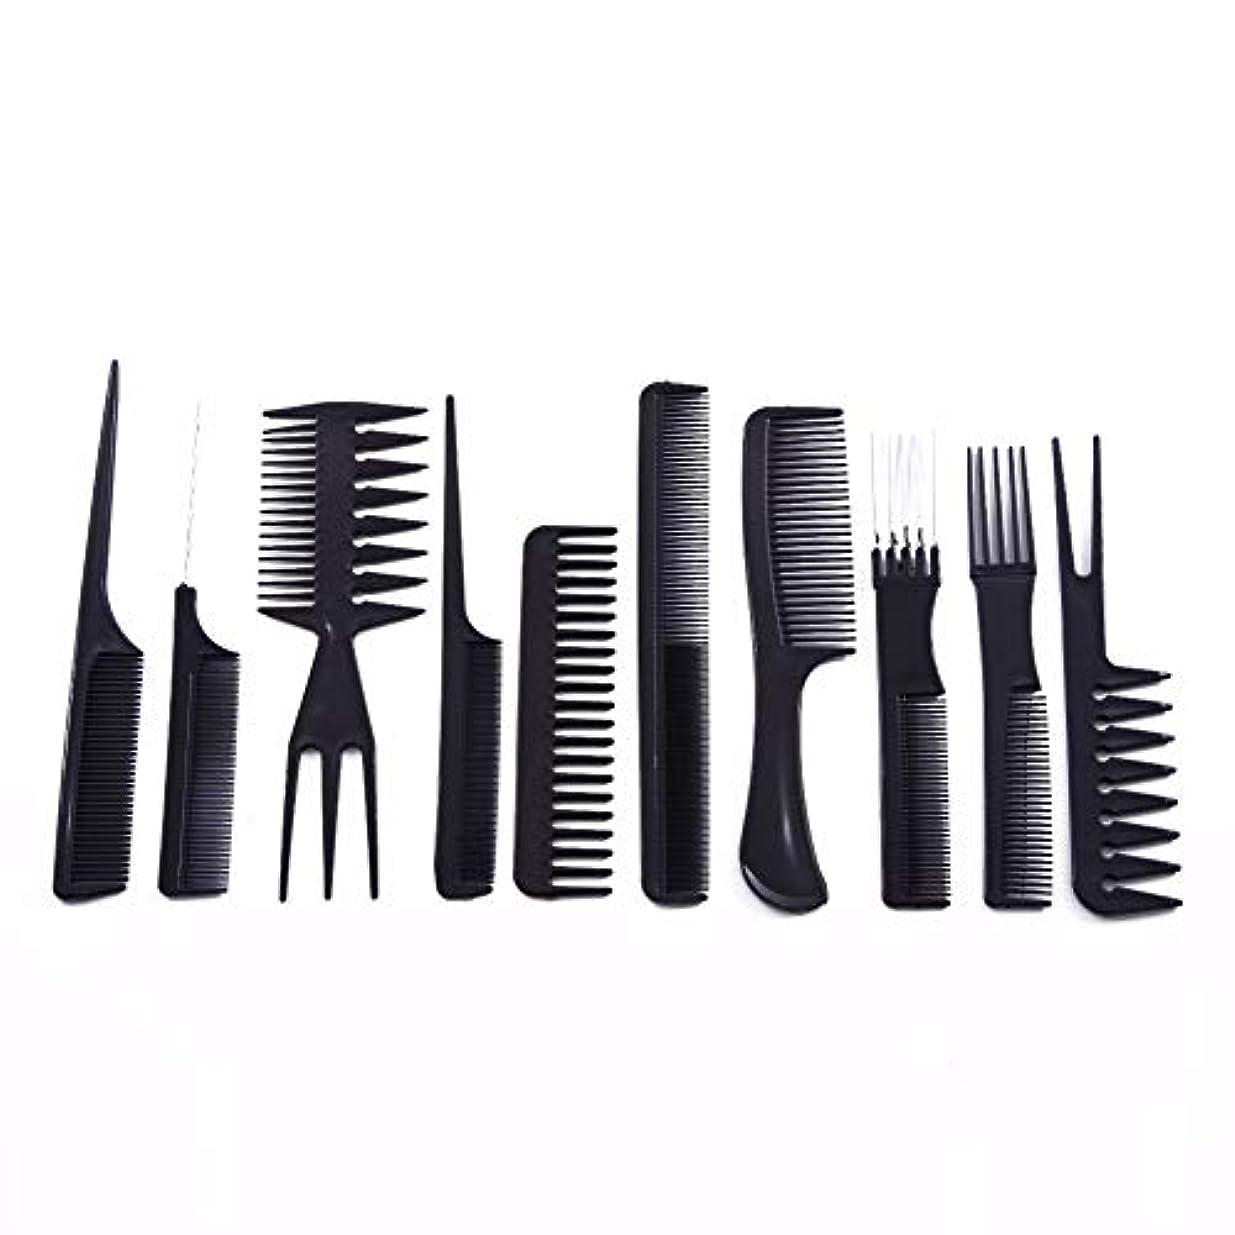 一時停止生物学プレゼント10ピース/セットプロのヘアブラシ櫛サロン理容帯電防止ヘアコームヘアケアスタイリングツール用すべての髪タイプ